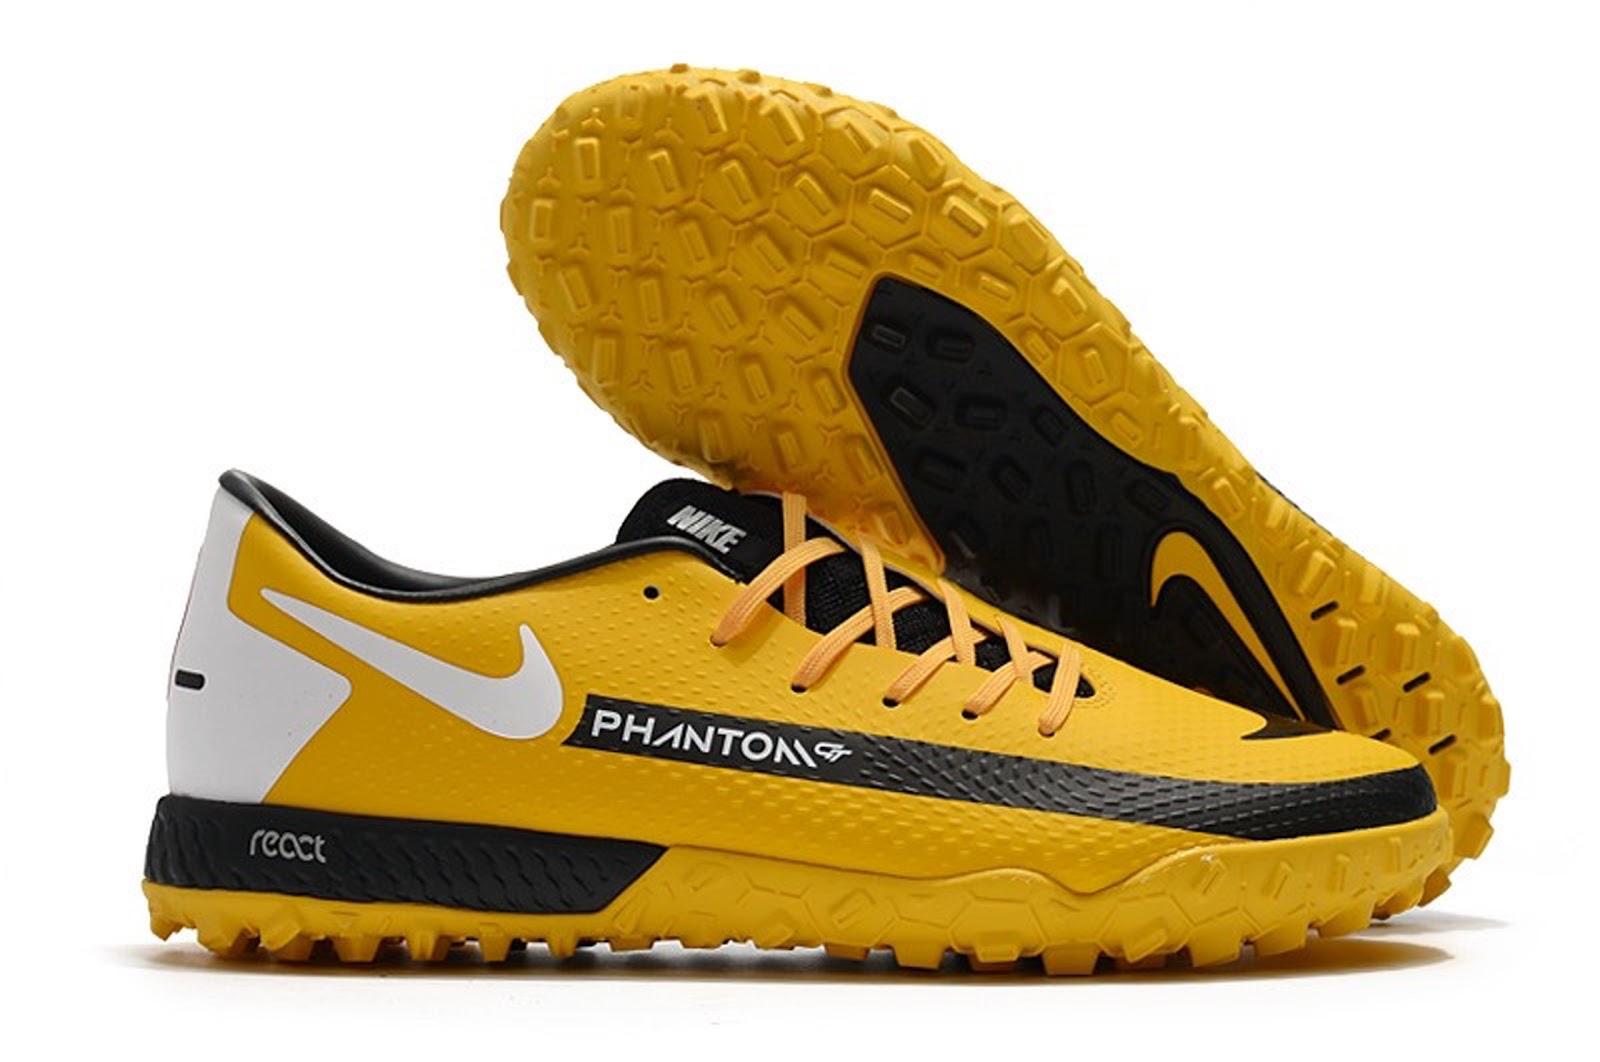 Hình ảnh đôi giày đá banh FG sân cỏ tự nhiên NIke màu vàng